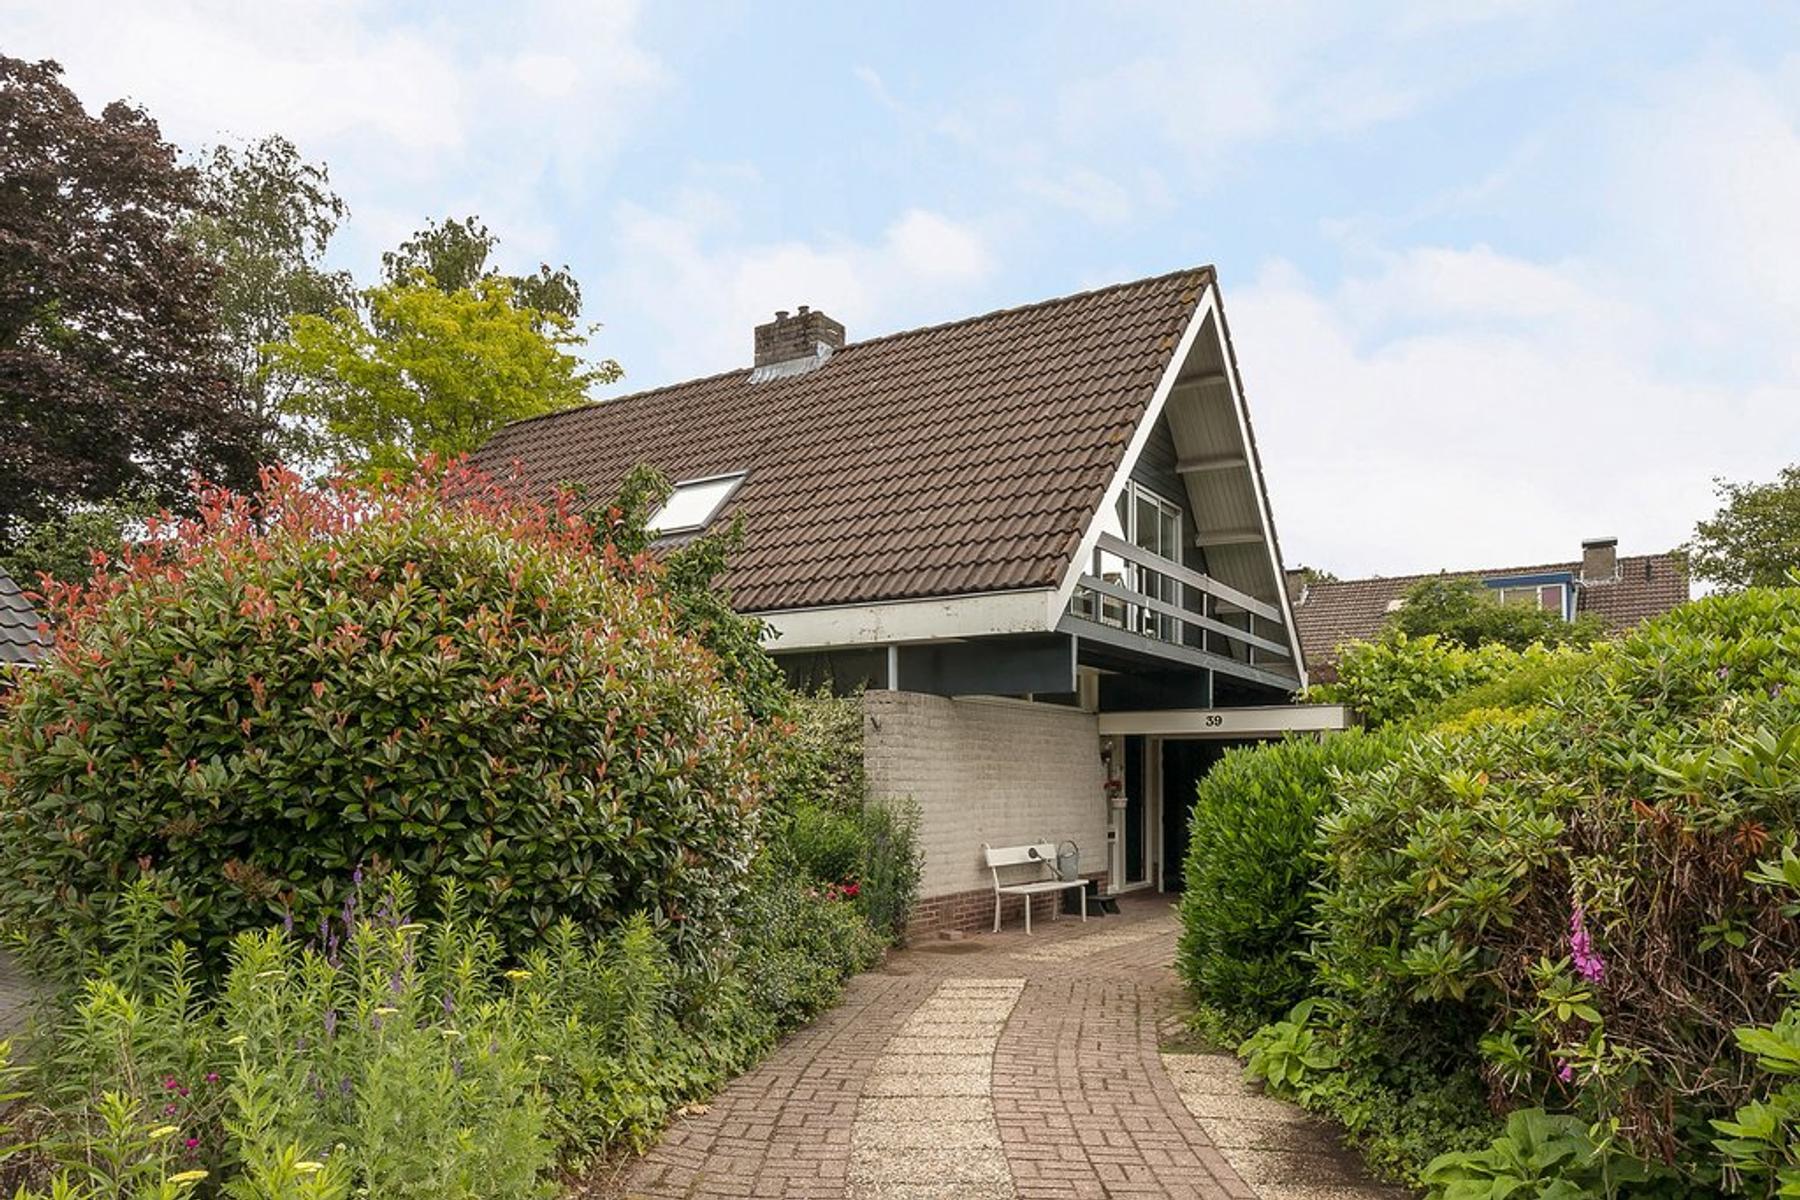 Van Ommenhof 39 in Dalfsen 7721 XZ